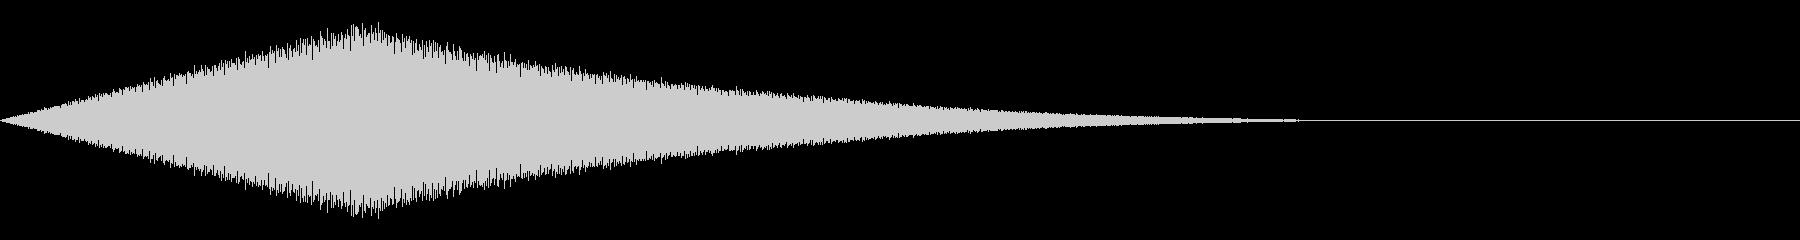 耳鳴り/嫌な気配を感じた時の効果音の未再生の波形